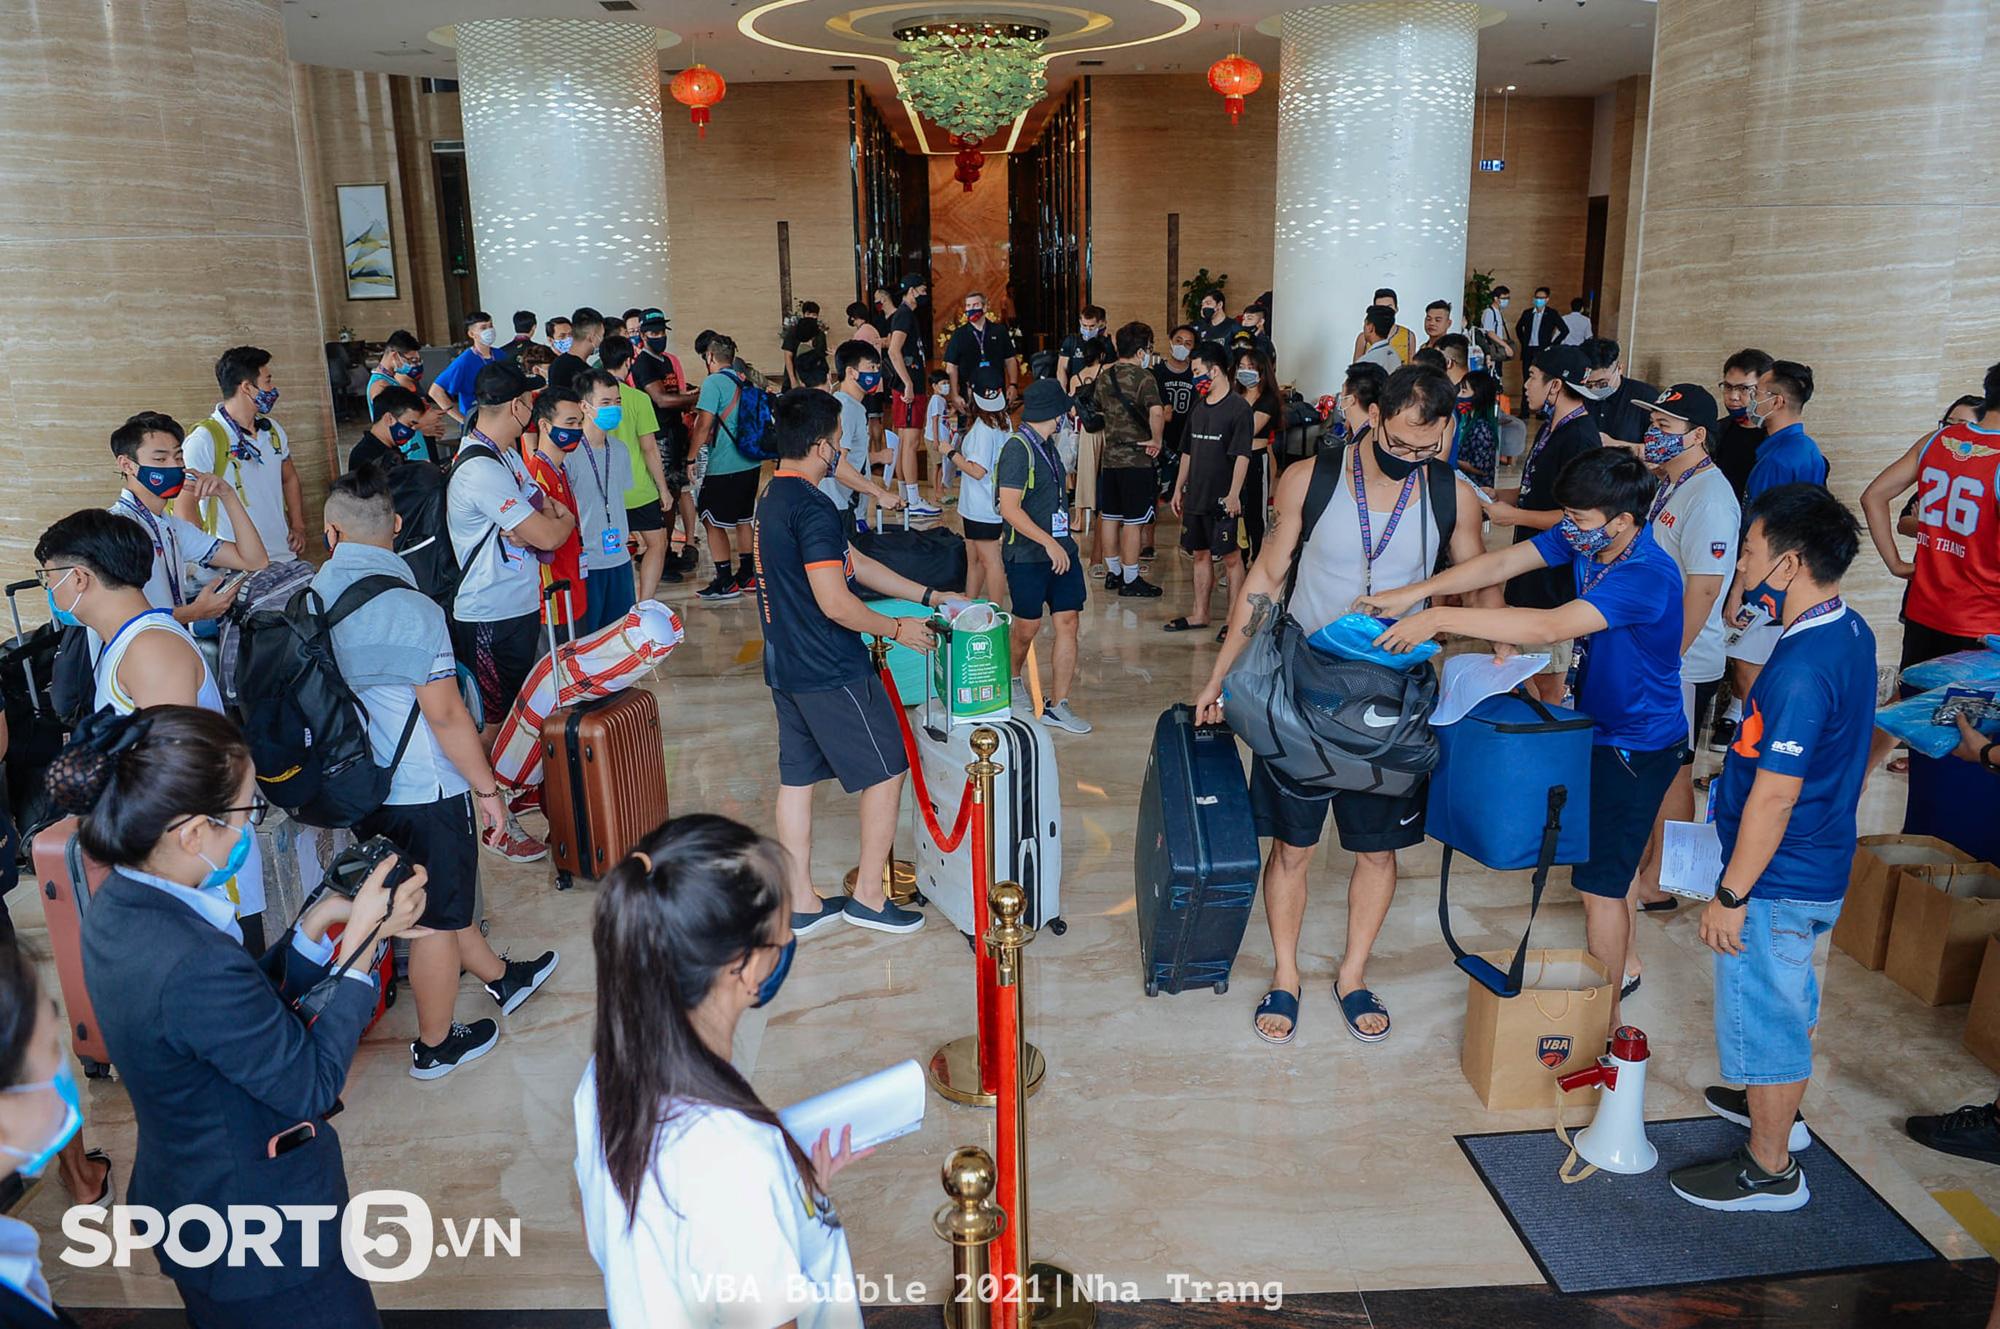 Hồi kết của VBA 2021: Gian nan và thử thách trên những chuyến xe xuyên Việt trở về nhà - Ảnh 3.